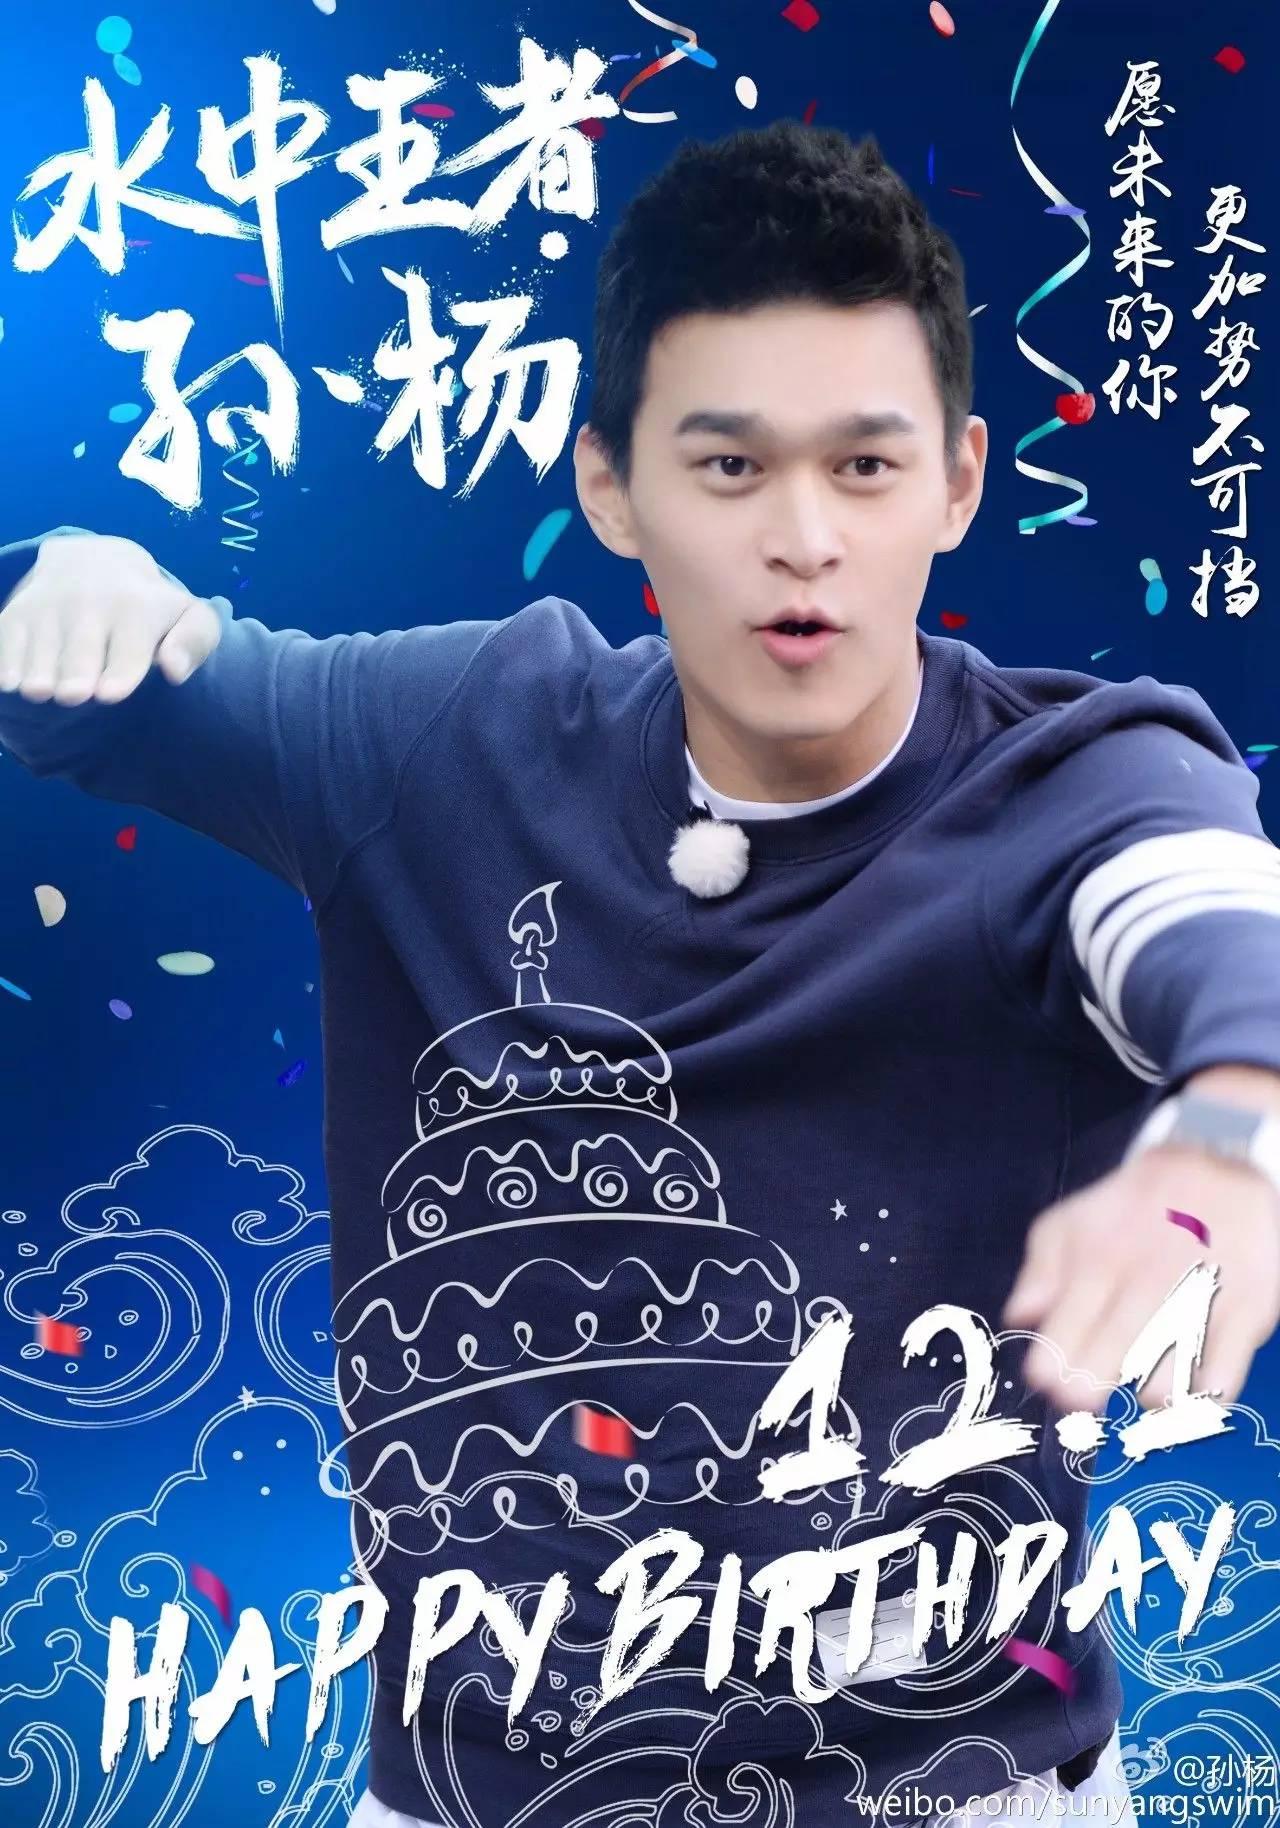 孙杨视频a视频,宁泽涛击败孙杨一战成名,v视频孙横生日红米屏图片